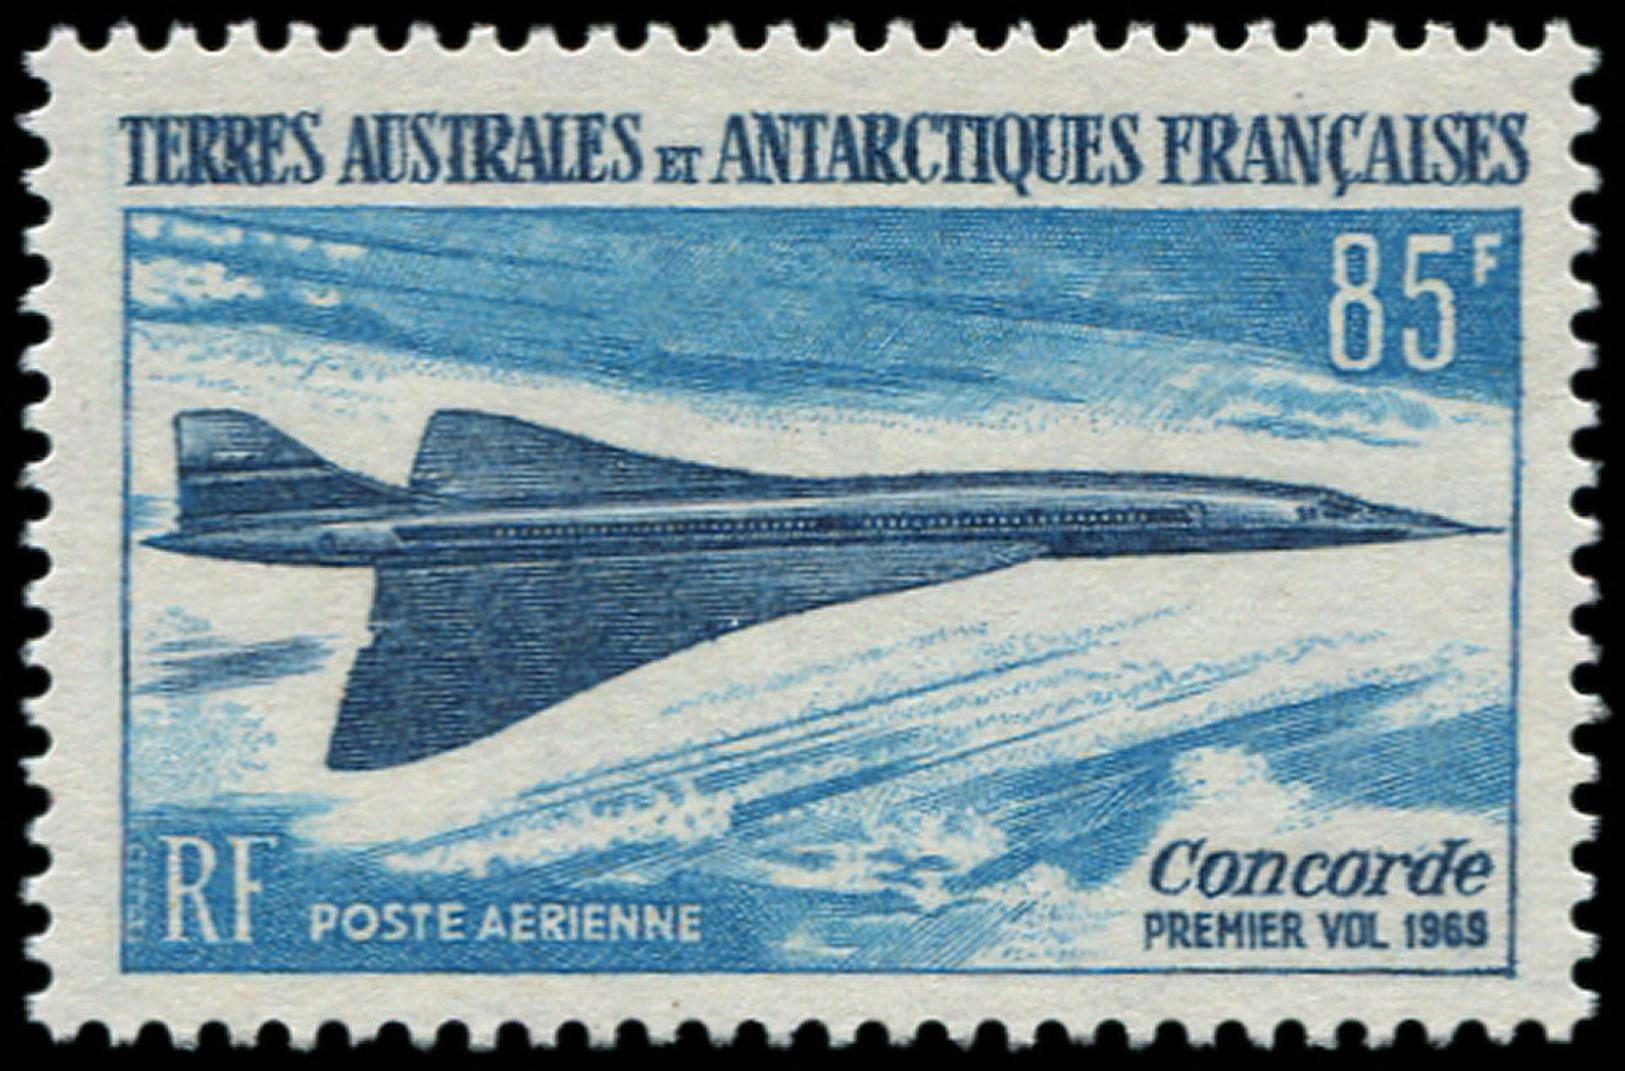 TERRES AUSTRALES Poste Aérienne ** - 19, 85f. Concorde - Cote: 87 - Terres Australes Et Antarctiques Françaises (TAAF)